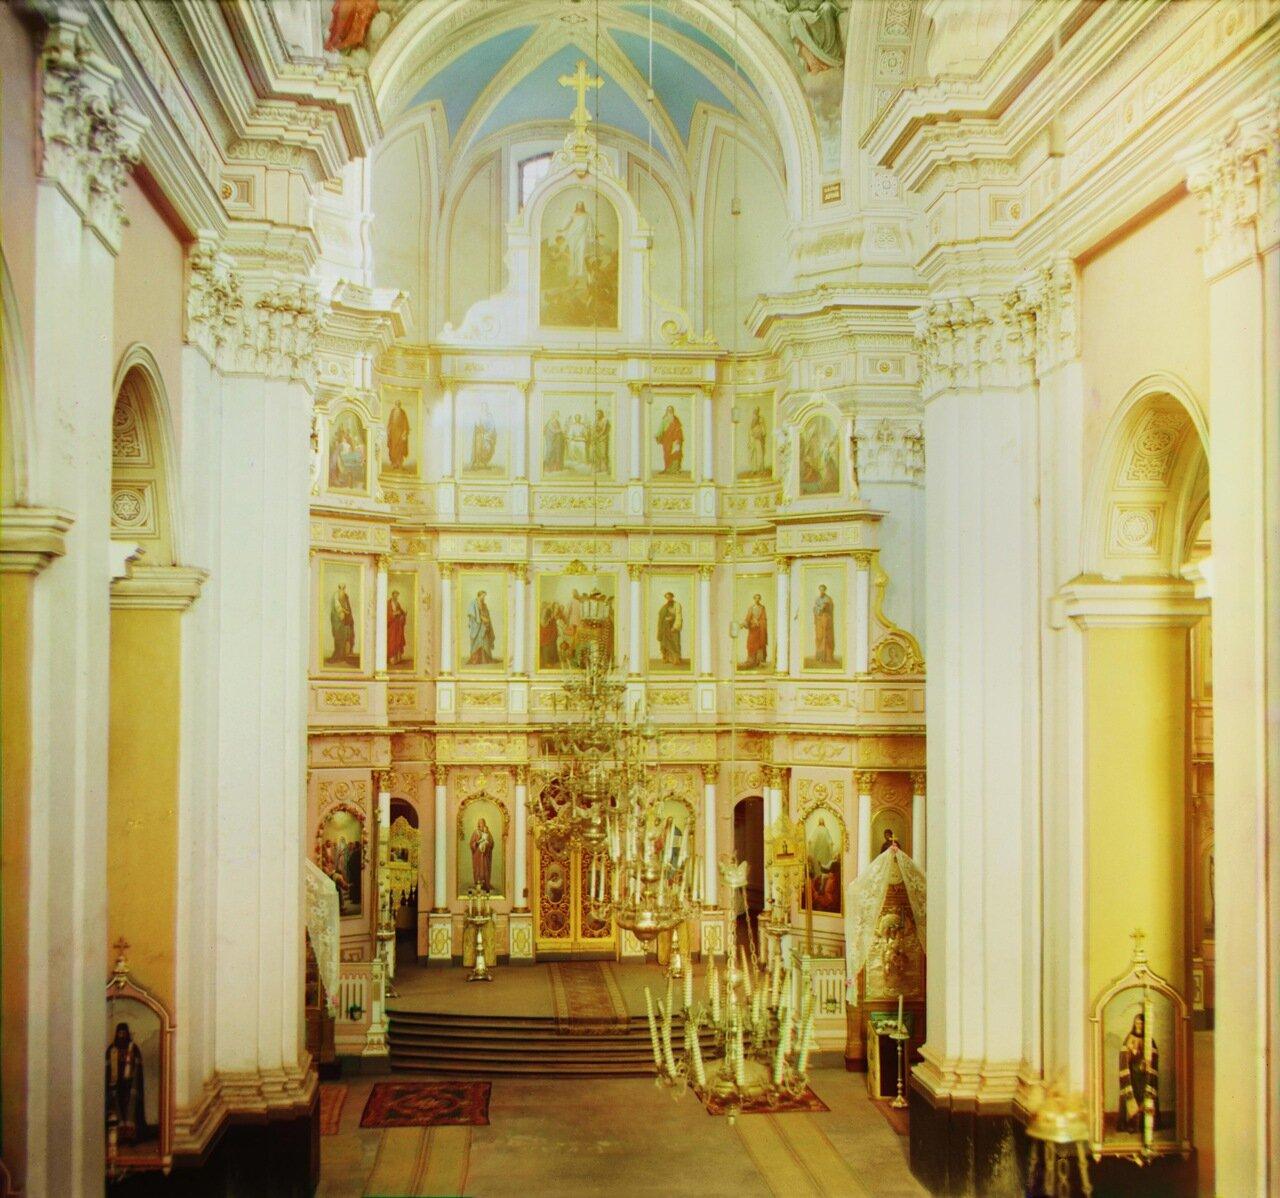 Витебск. Иконостас в Успенском соборе. 1912